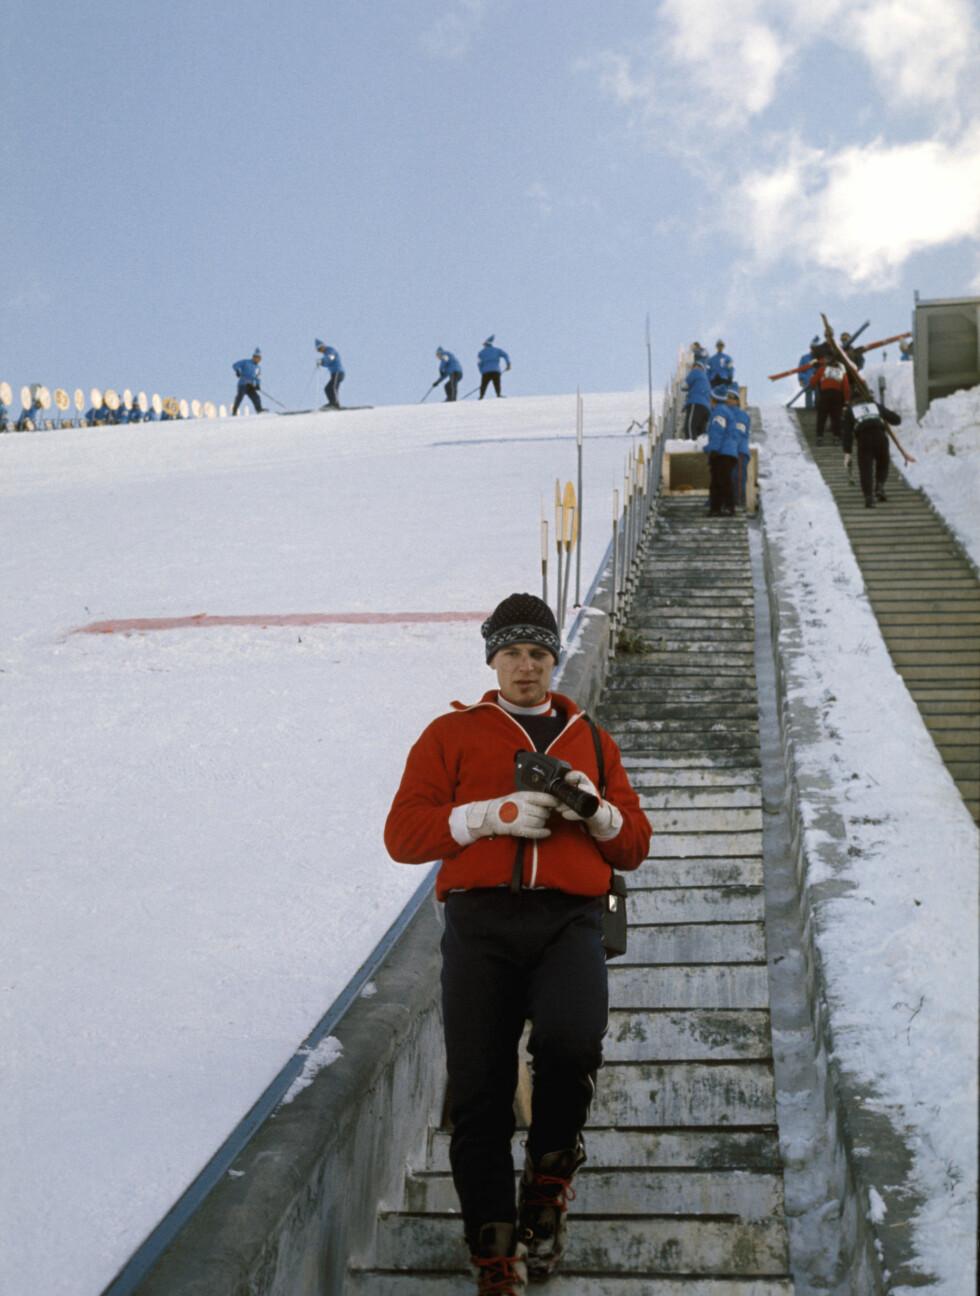 GIKK BORT: Ingolf Mork var en av Norges største hoppstjerner på 70-tallet. Her er han under OL i Sapporo i 1972. Foto: SCANPIX